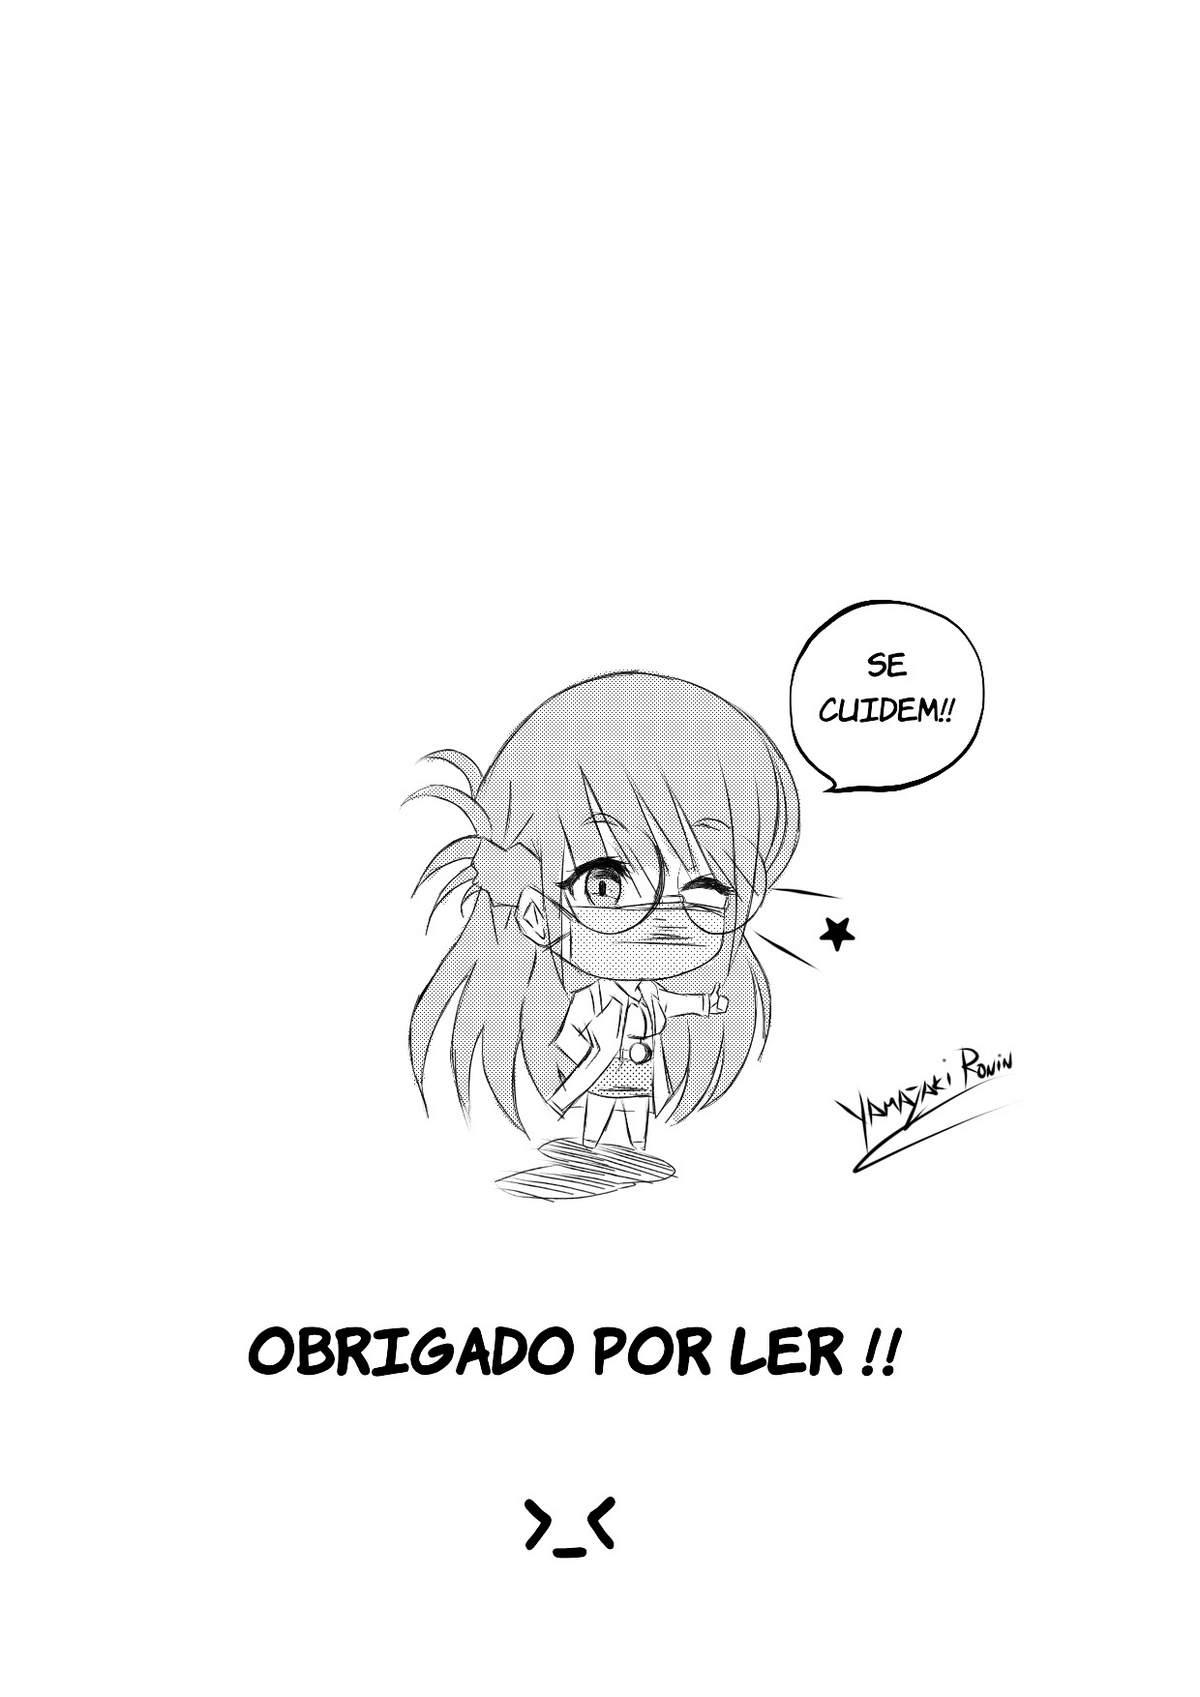 Um tratamento especial da Ringo sensei The Hentai pt br 14 - hentai, comics-hq